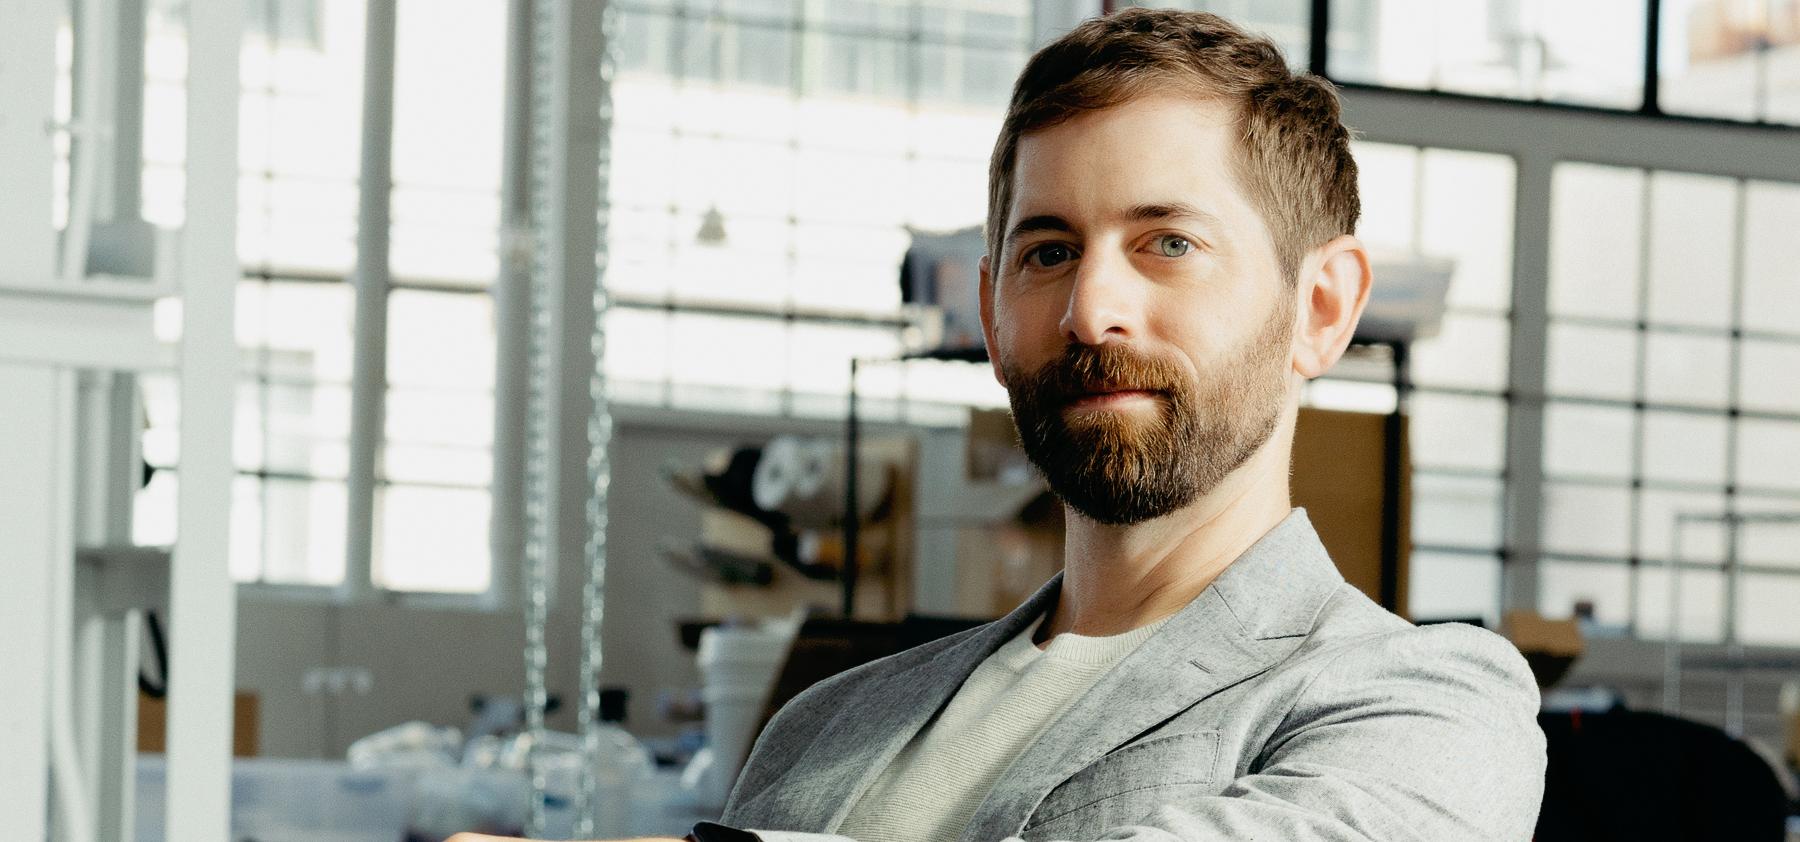 Dan Widmaier, founder of Bolt Threads